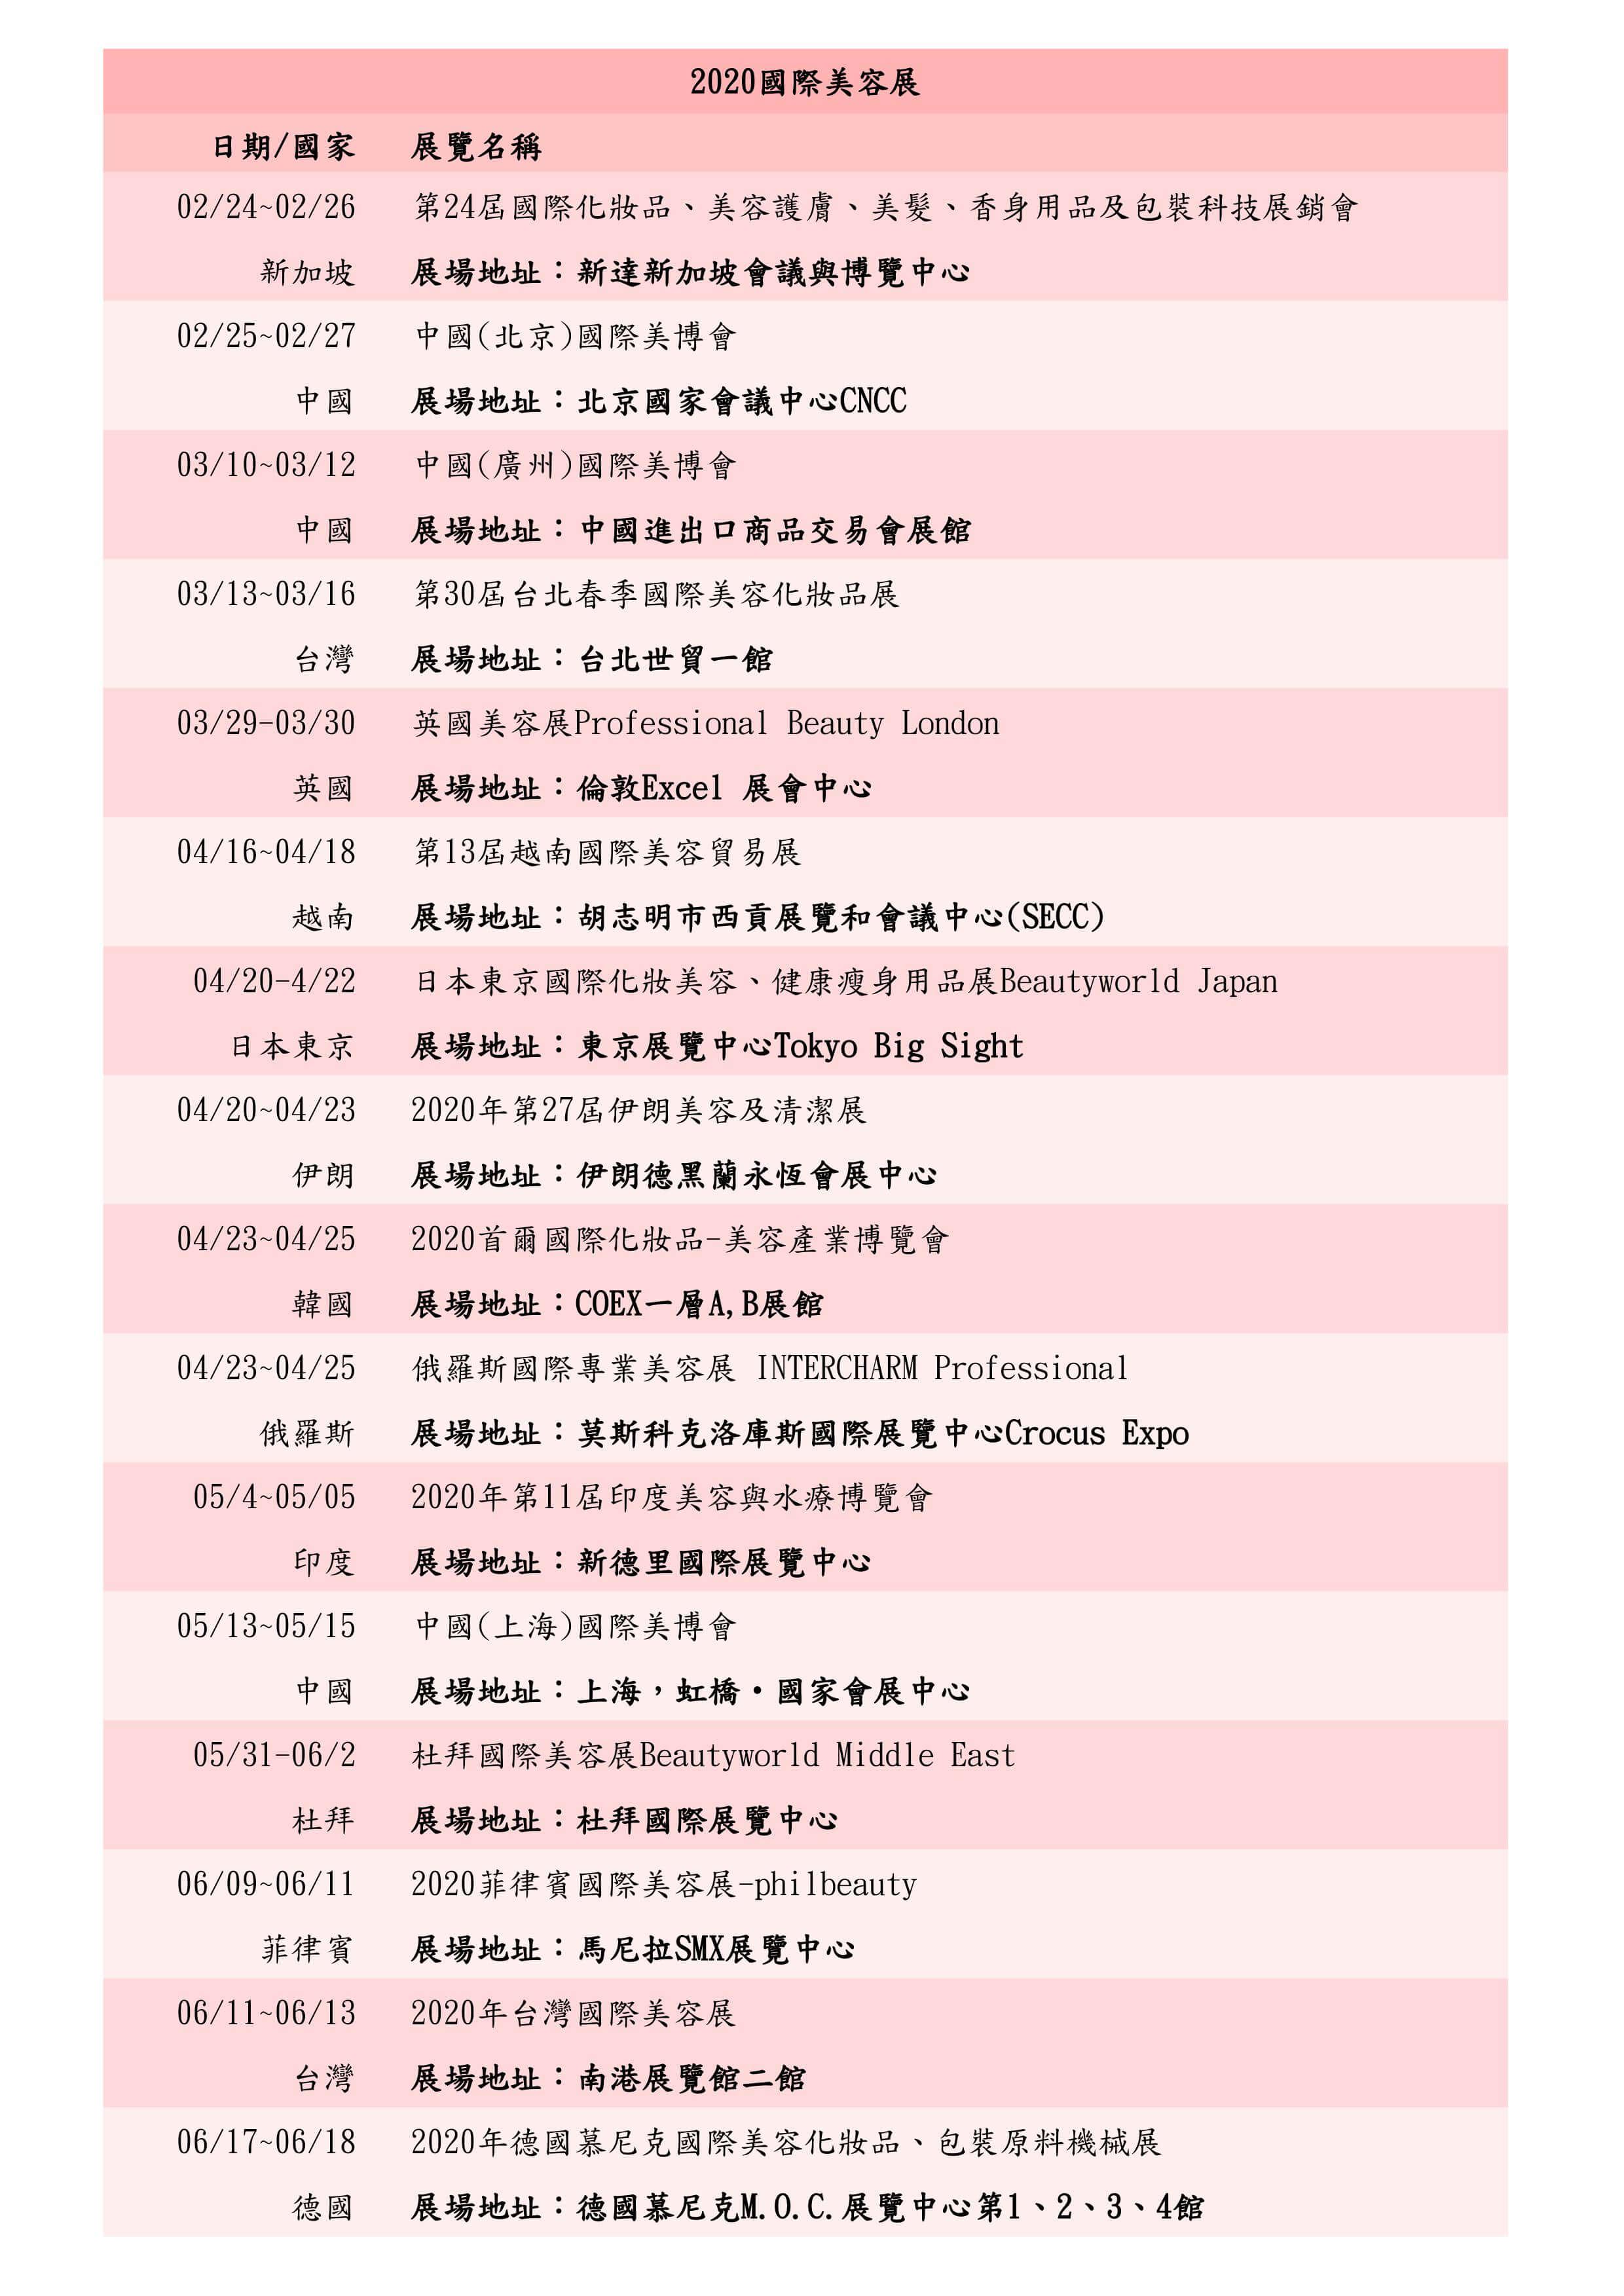 2019_12_17國際美容展上半年.jpg